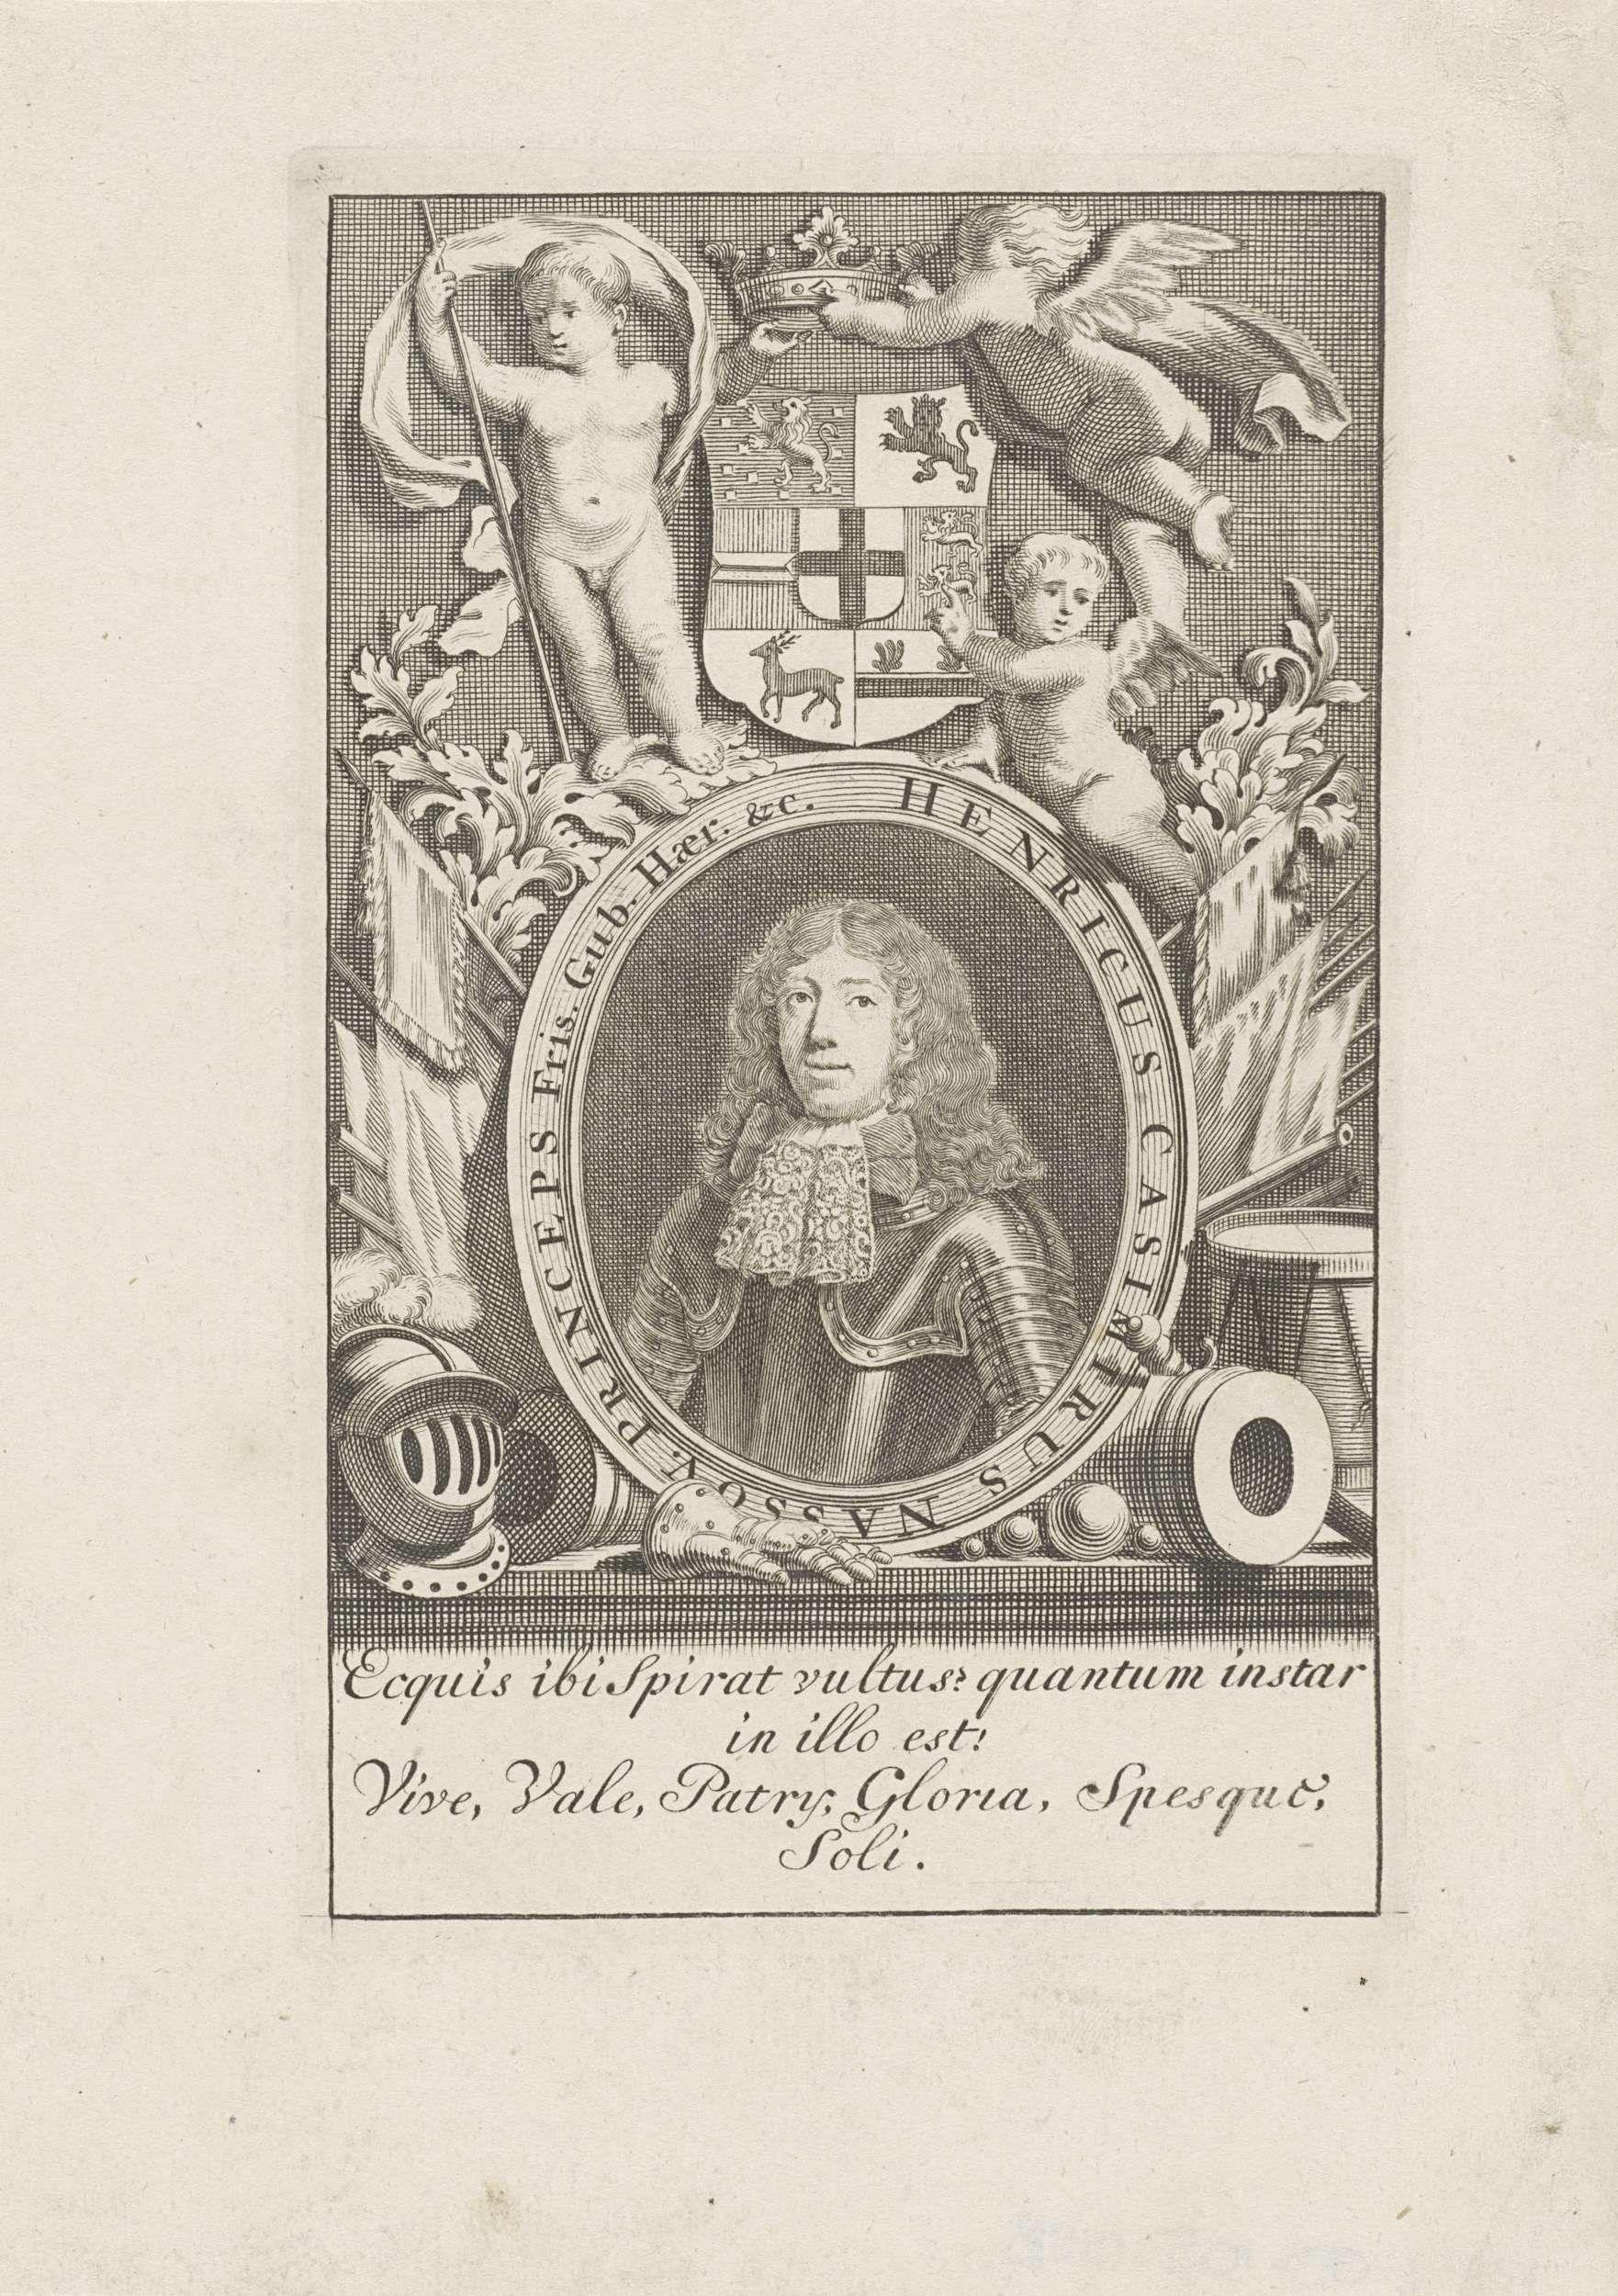 Anonymous | Portret van Hendrik Casimir II, graaf van Nassau-Dietz, Anonymous, 1675 - 1749 | Portret van Hendrik Casimir II in een ovaal met randschrift. Midden boven zijn wapen. Daar omheen een aantal allegorische objecten en figuren. In een kader vier regels Latijnse tekst.